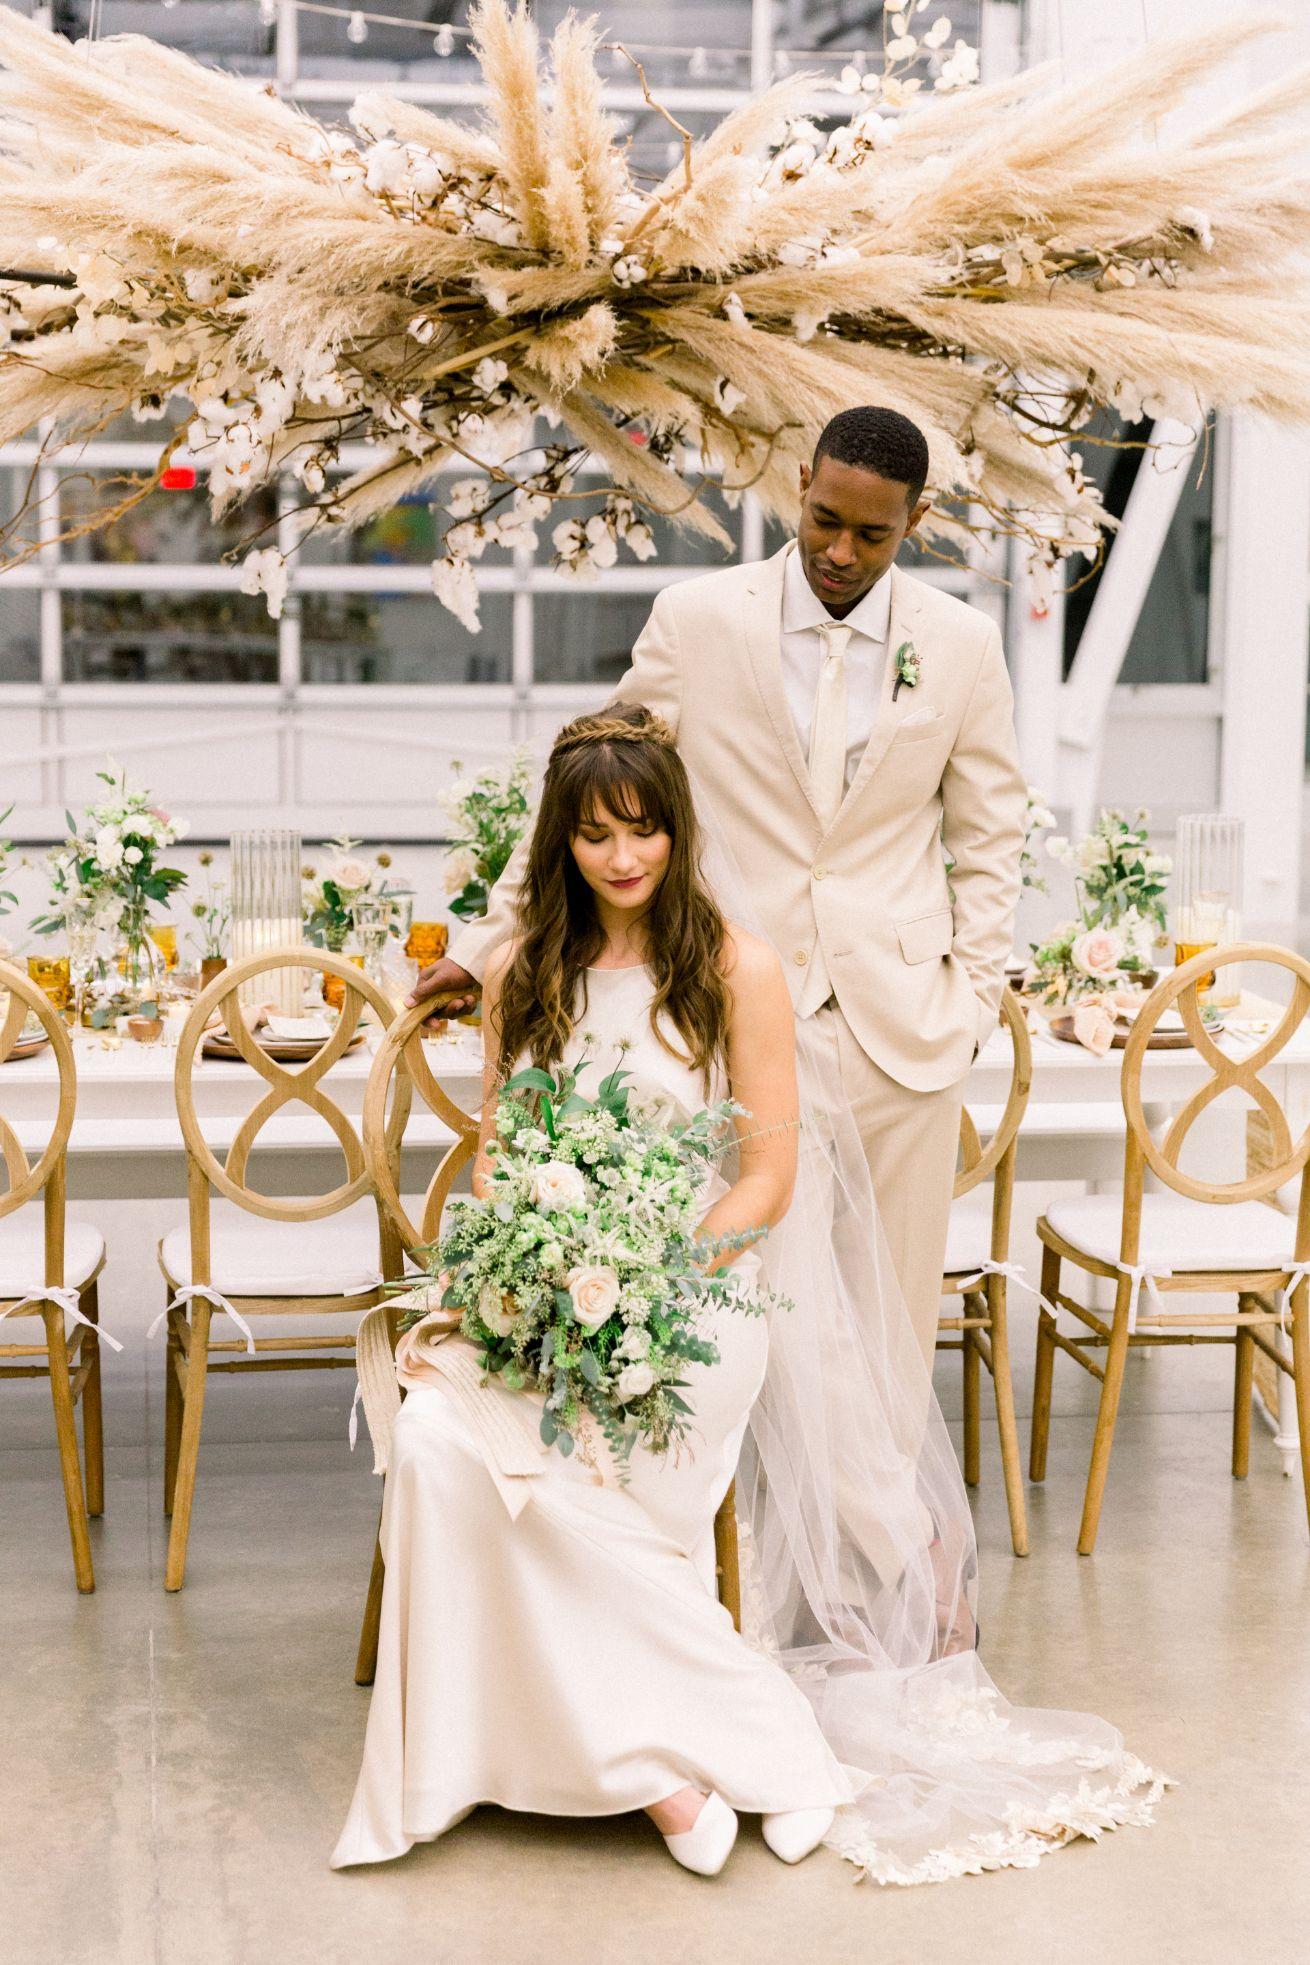 artists-for-humanity-industrial-bohemian-wedding-daylynn-designs256.jpg